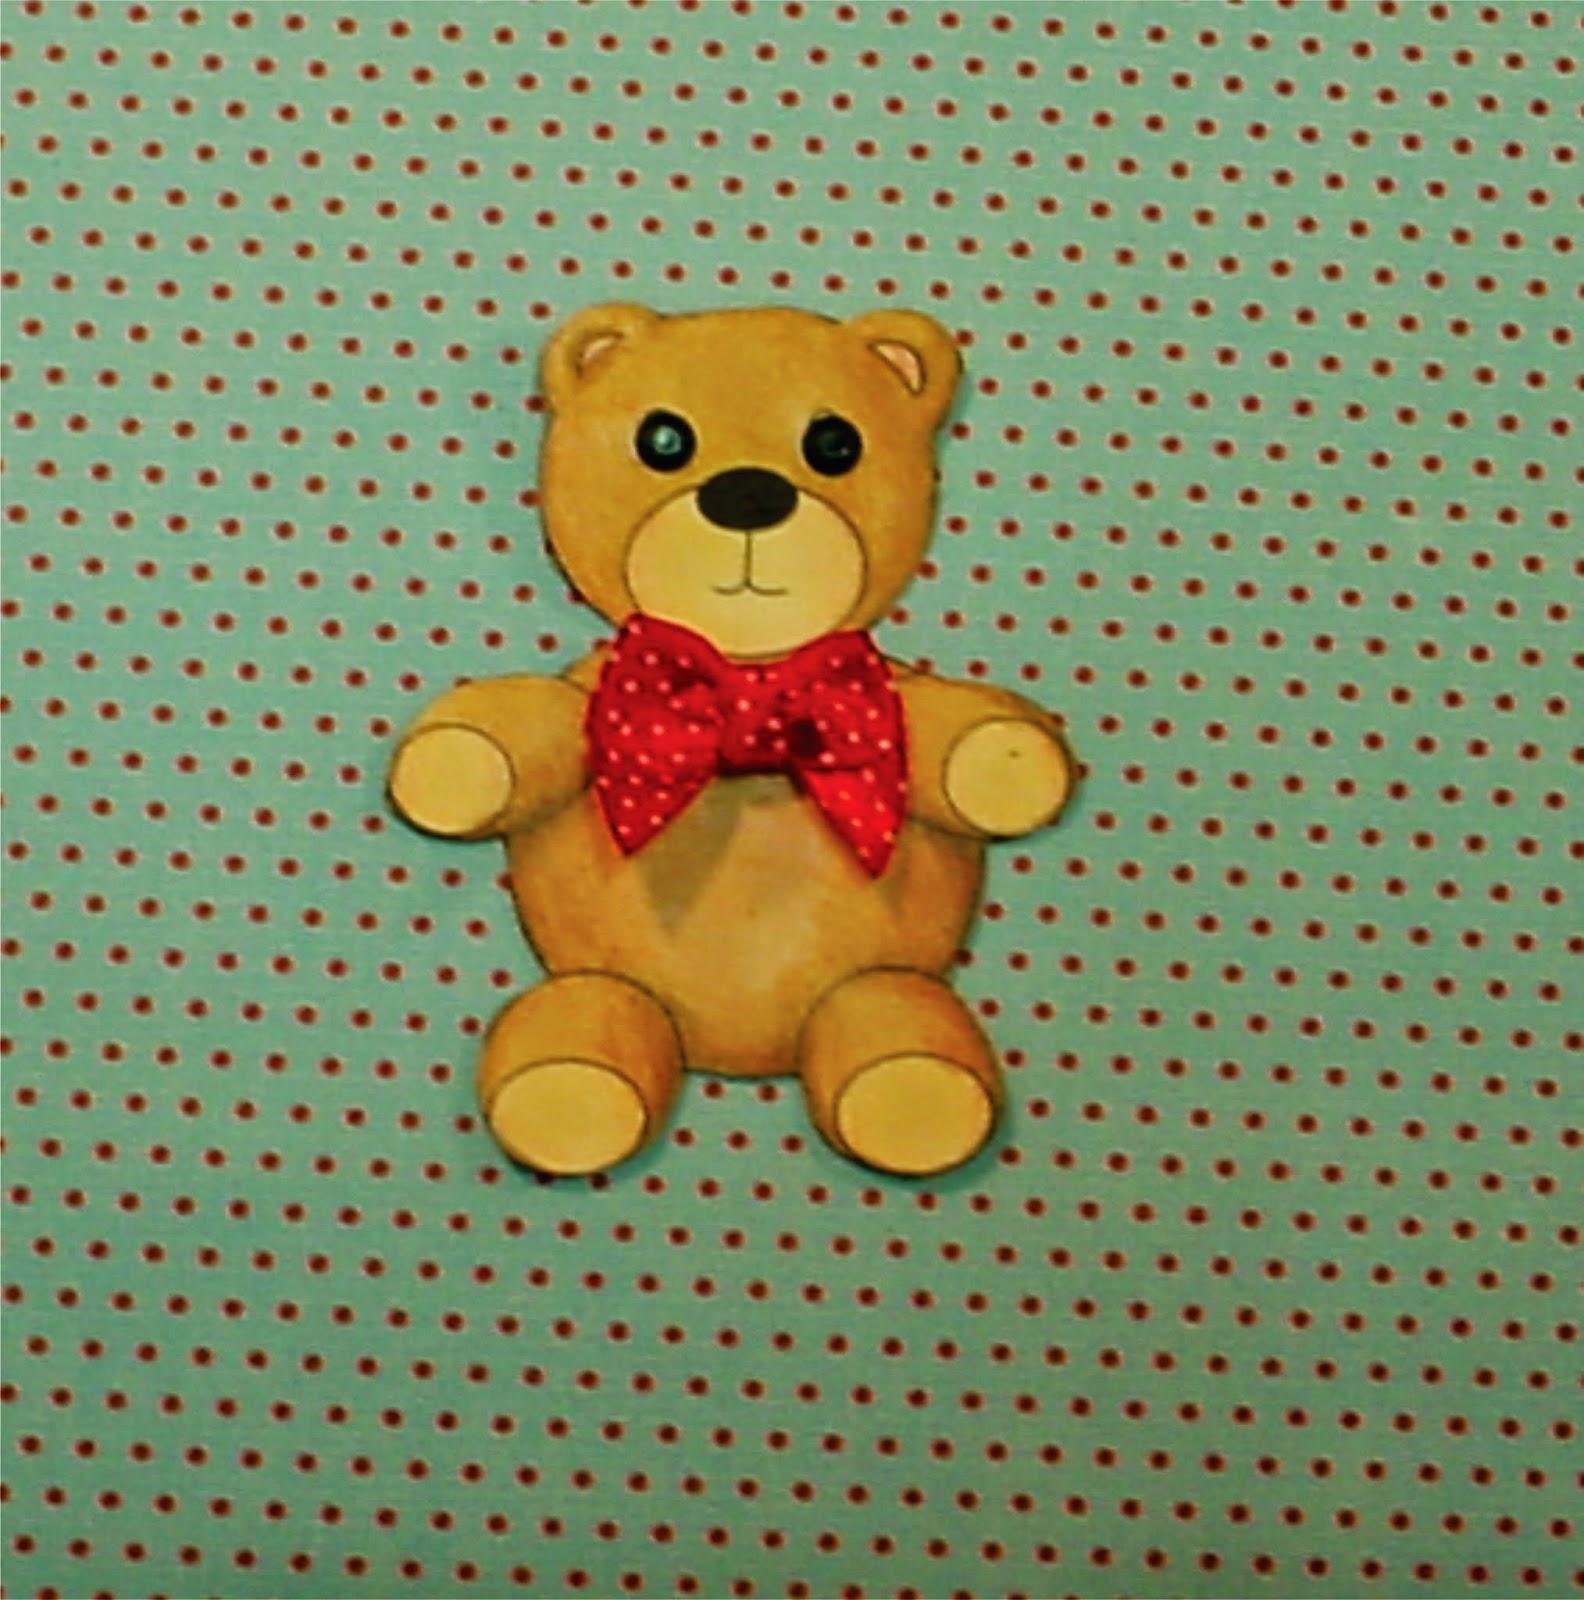 http://3.bp.blogspot.com/-FuVEhG9NBf4/U3UbSr63MwI/AAAAAAAAAS8/nFXLNhhI8fE/s1600/teddydoneexample.jpg